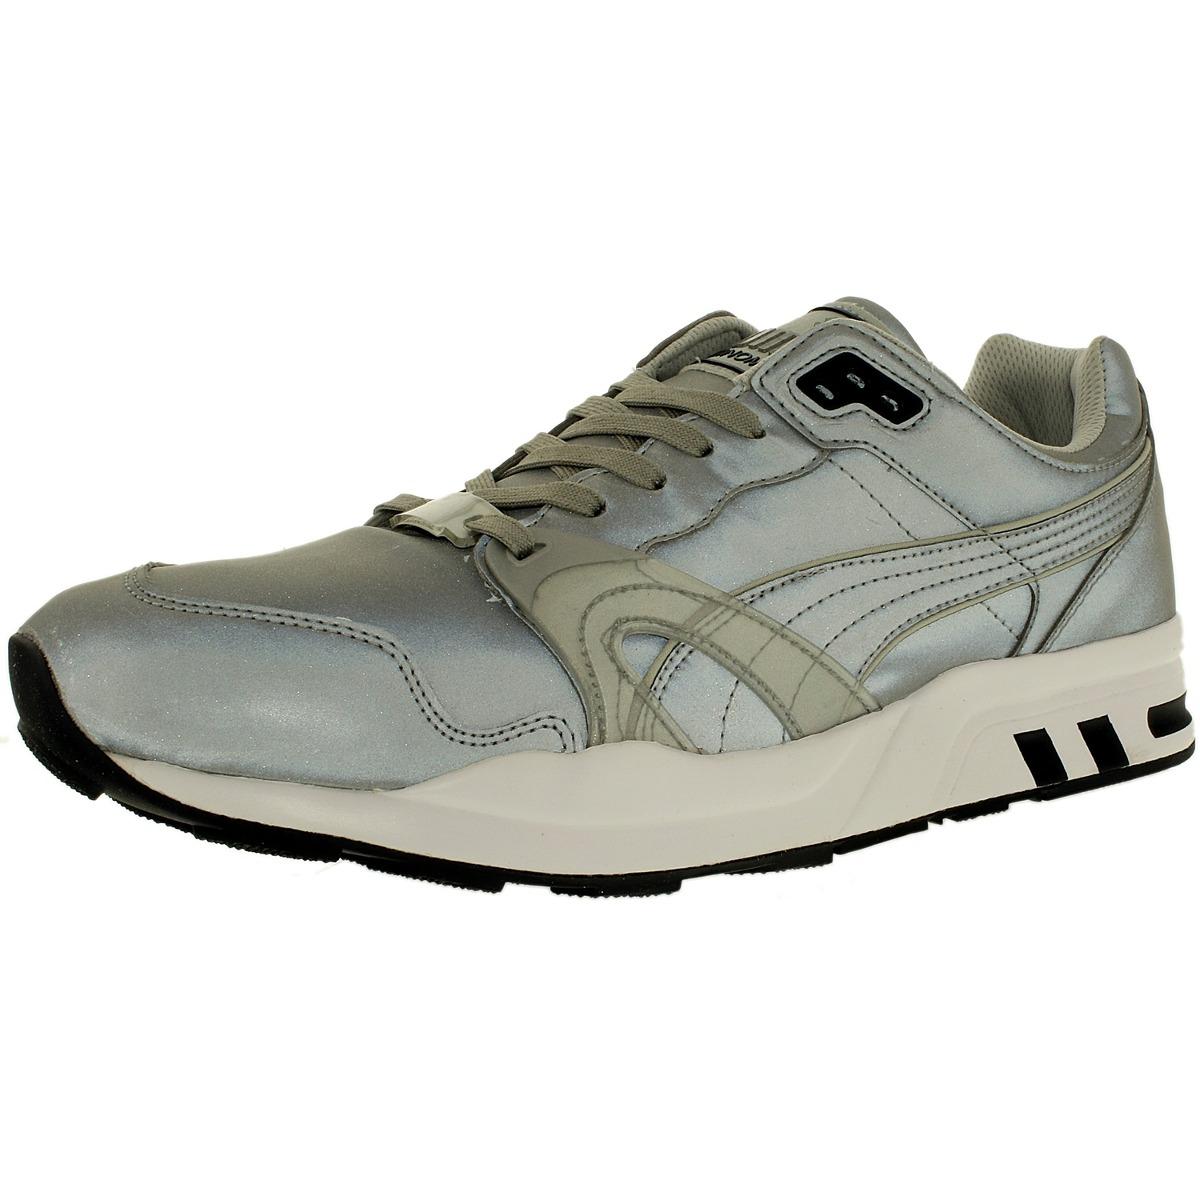 Zapatos Reflectante De Xt1 Metalizado Plata Hombre Puma w7q0p